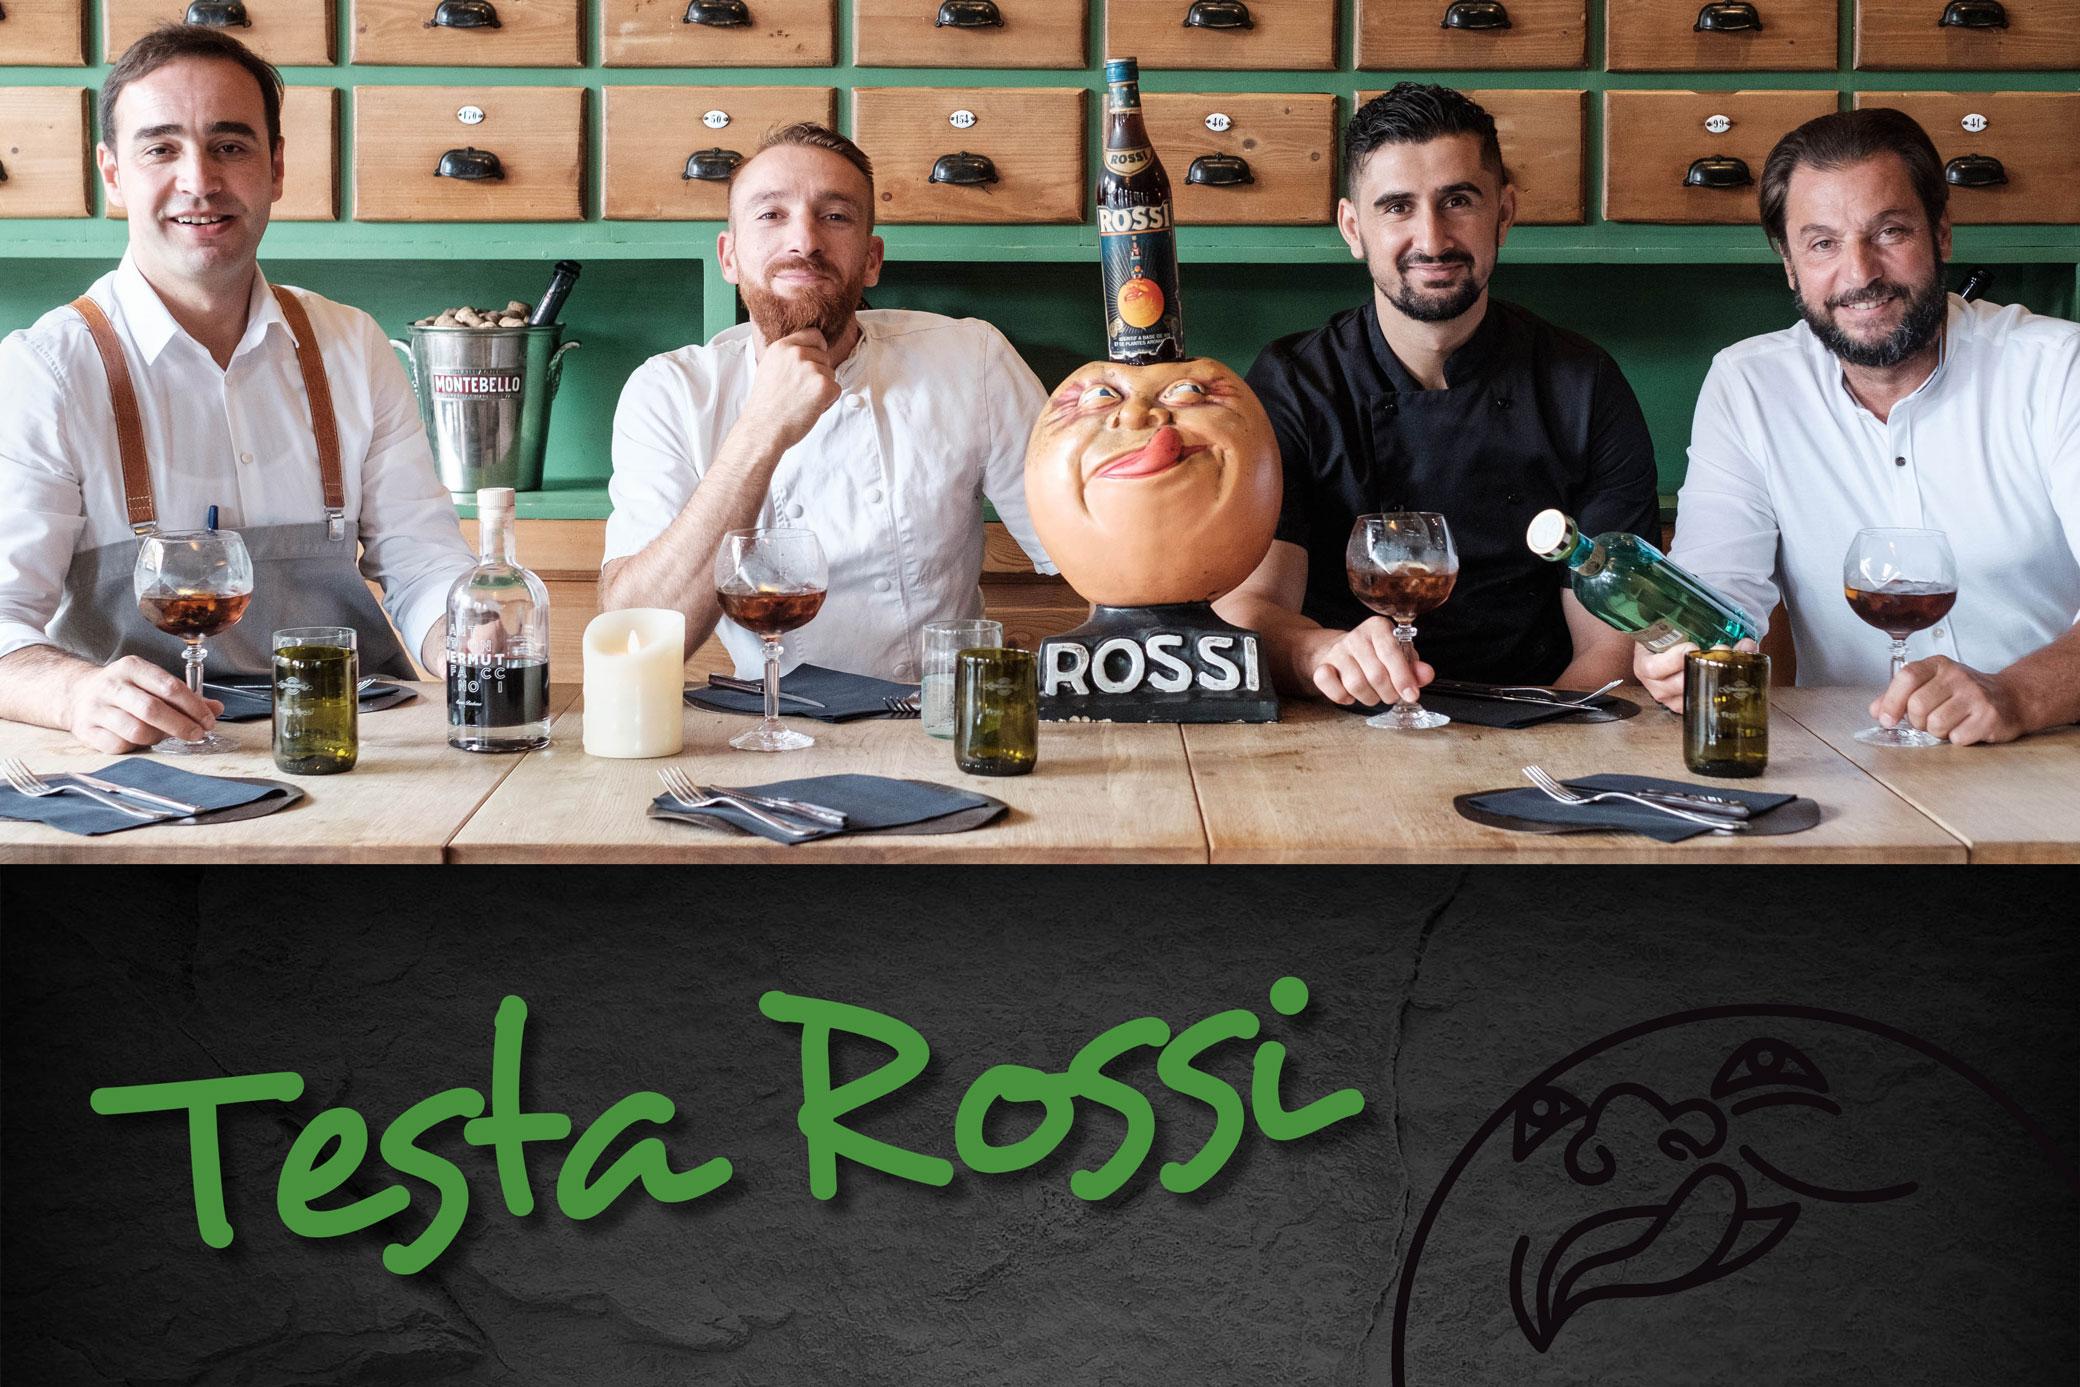 Testa-Rossi-team fotografie